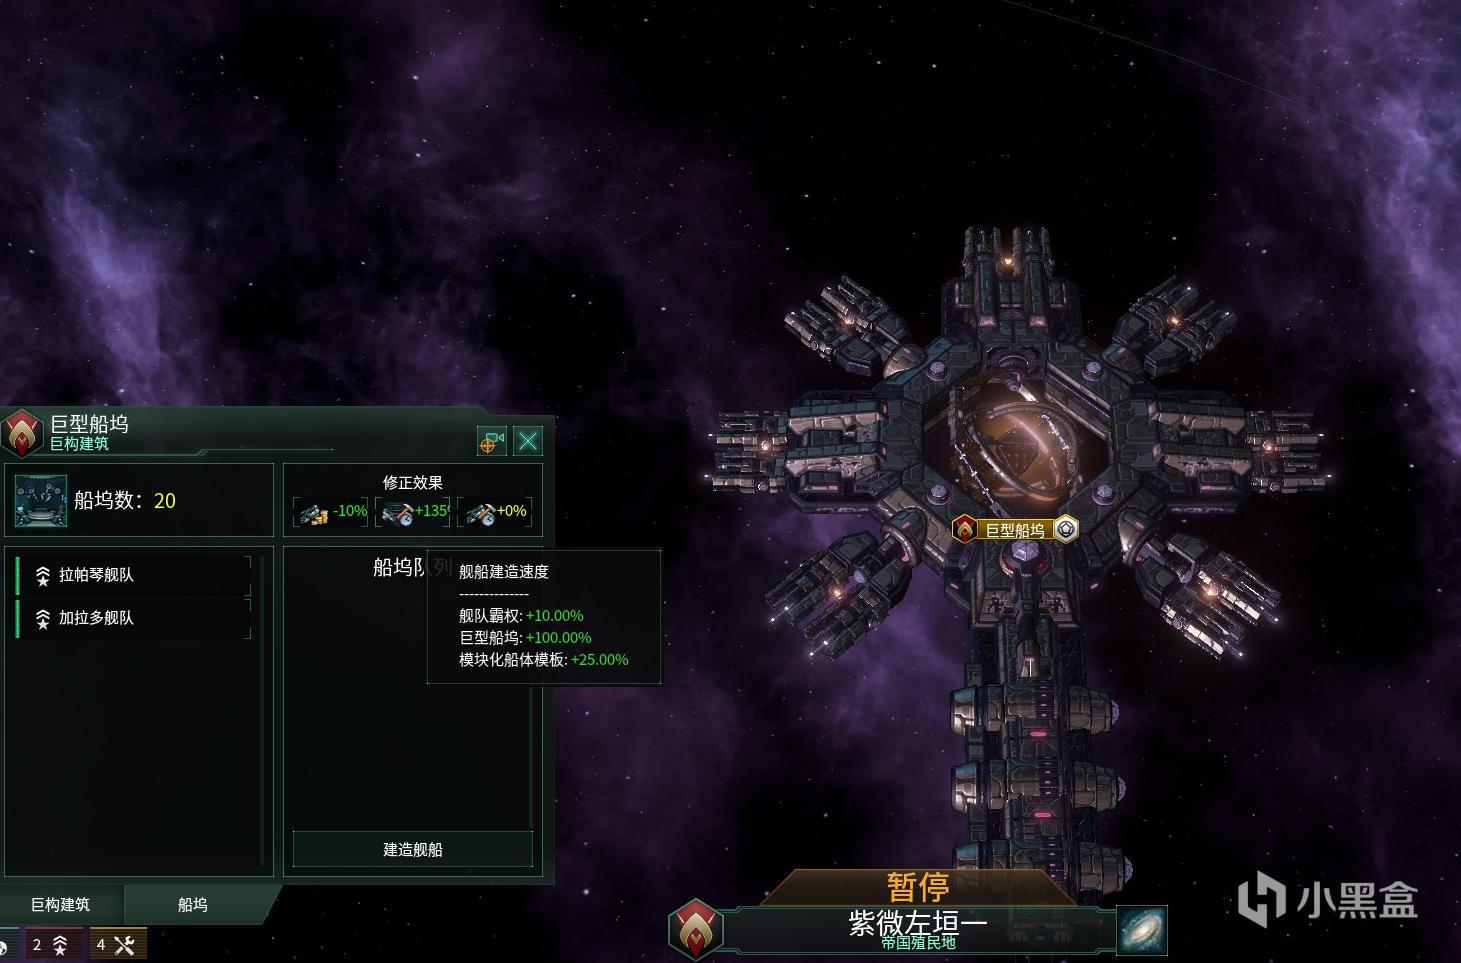 群星stellaris机械帝国萌新指南二:飞升天赋插图4